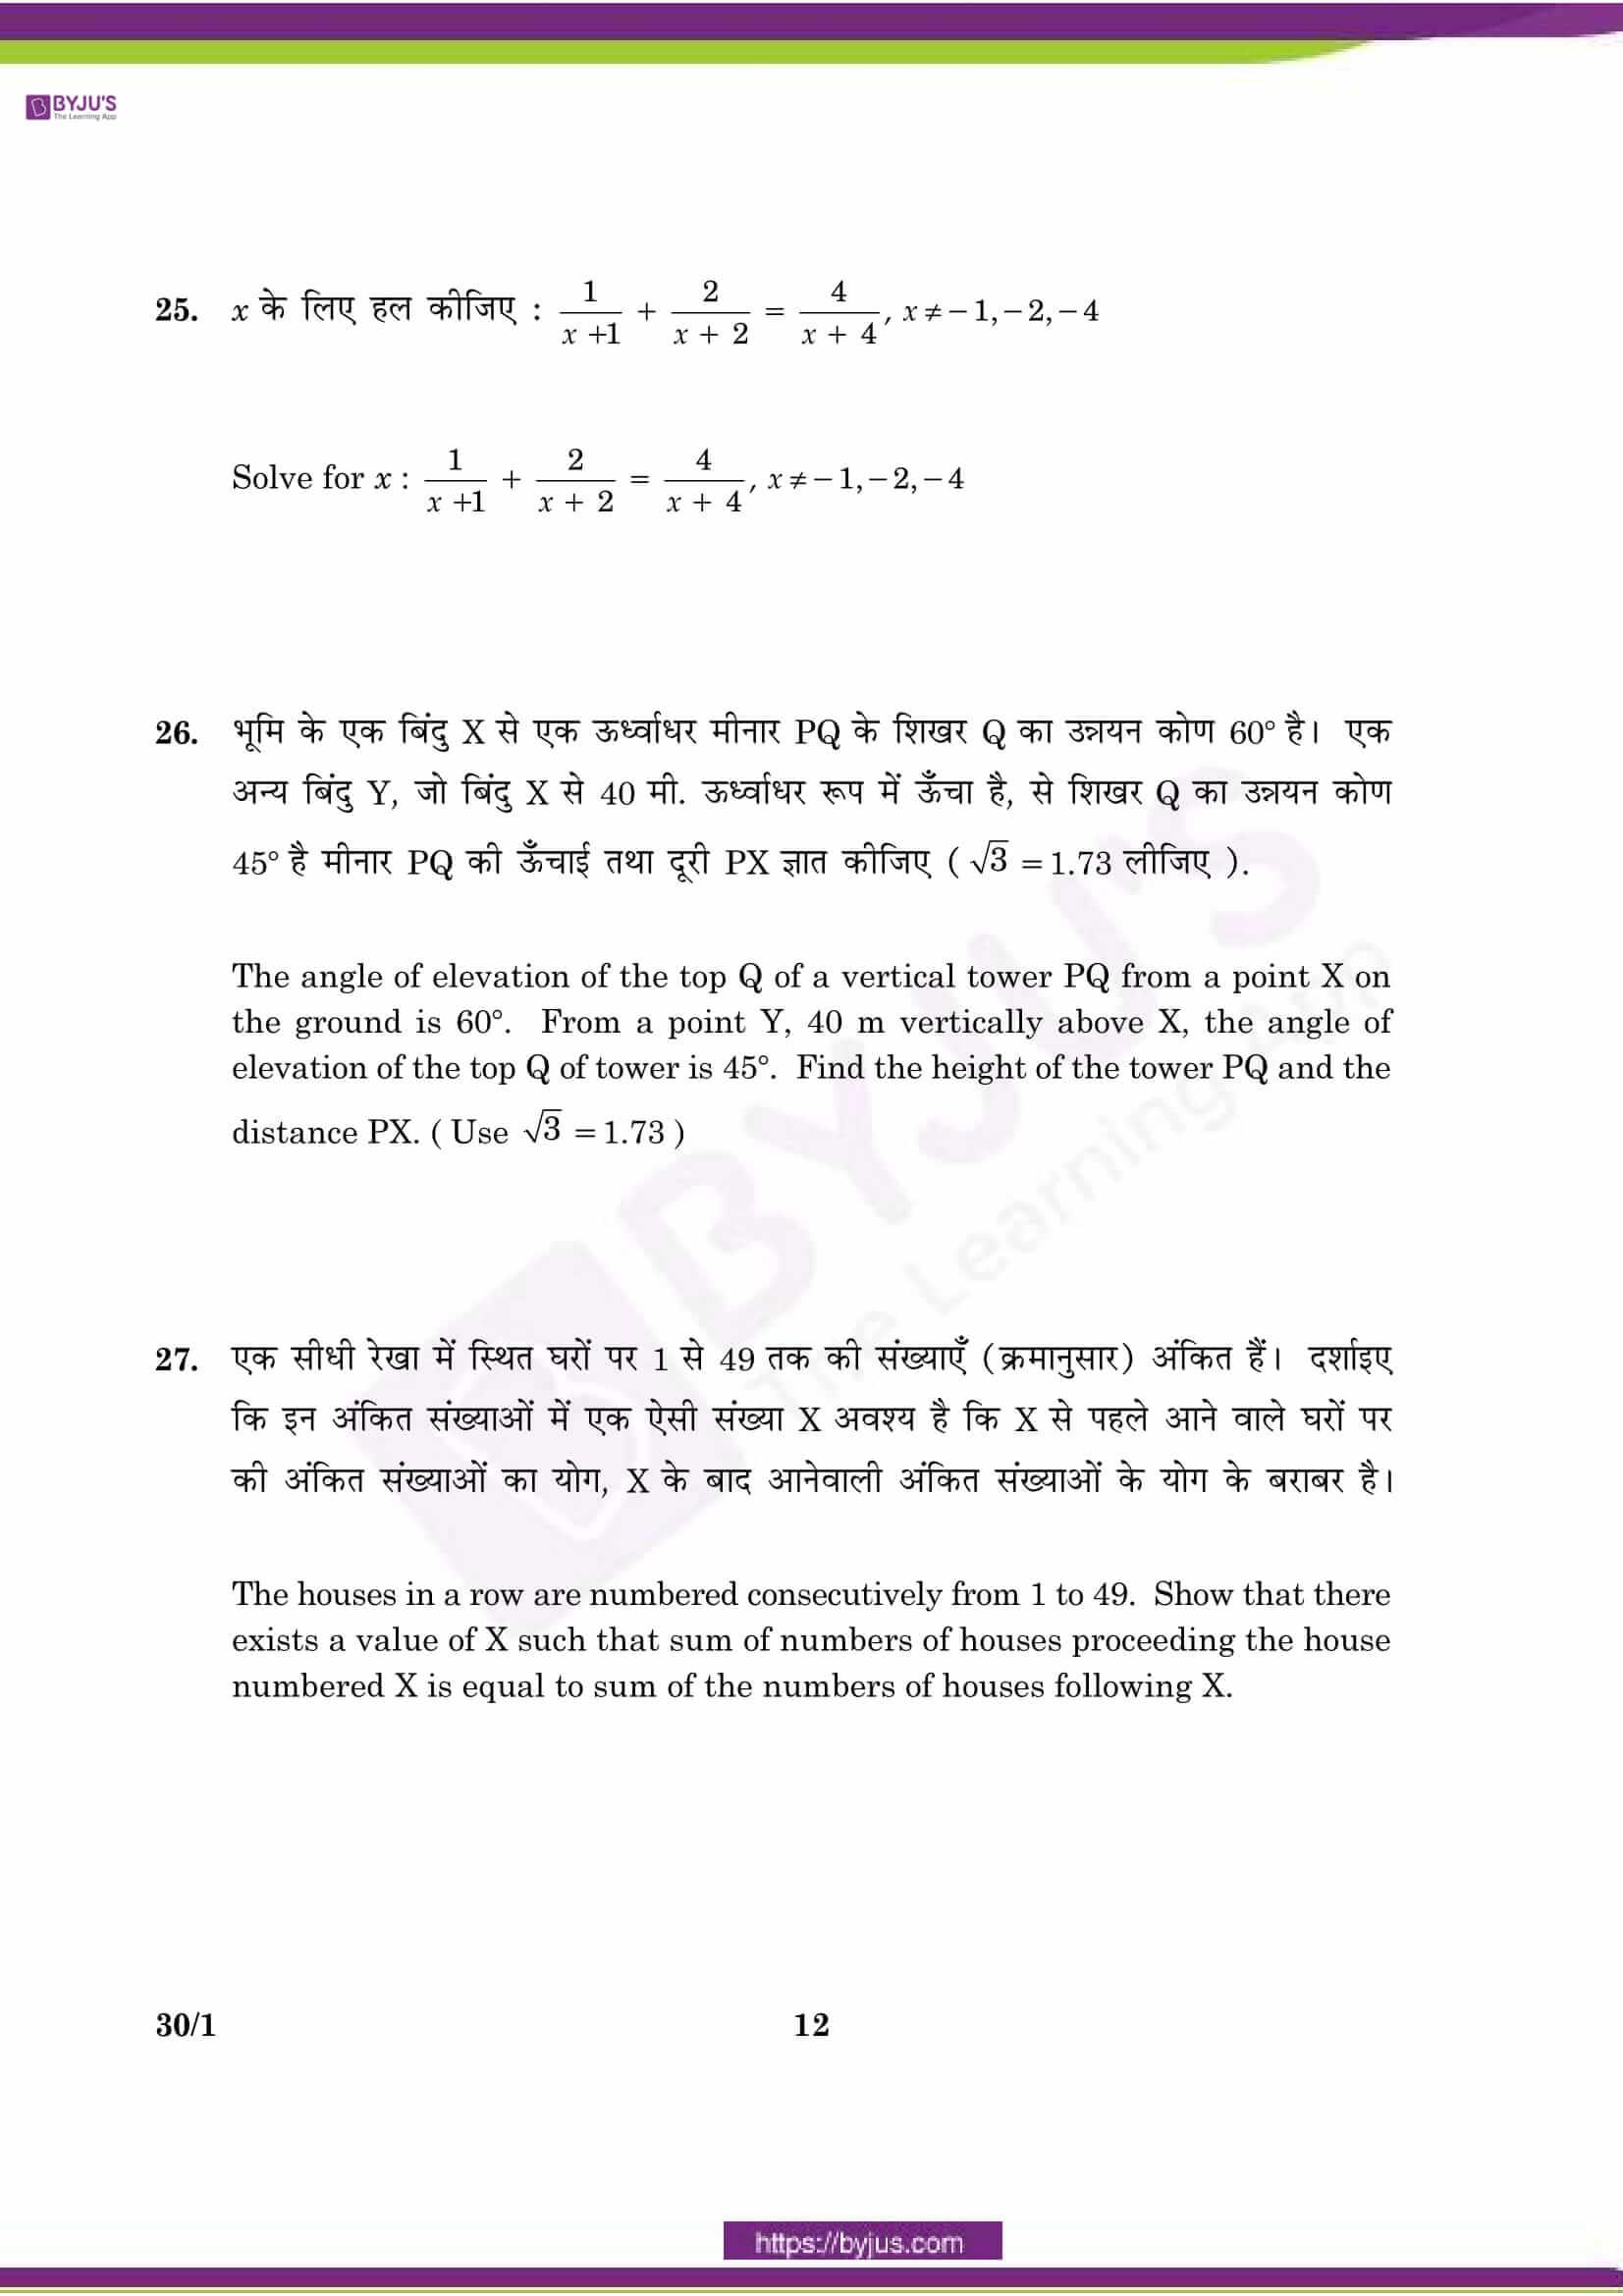 CBSE Class 10 Maths Qs Paper 2016 SA 2 Set 1 12